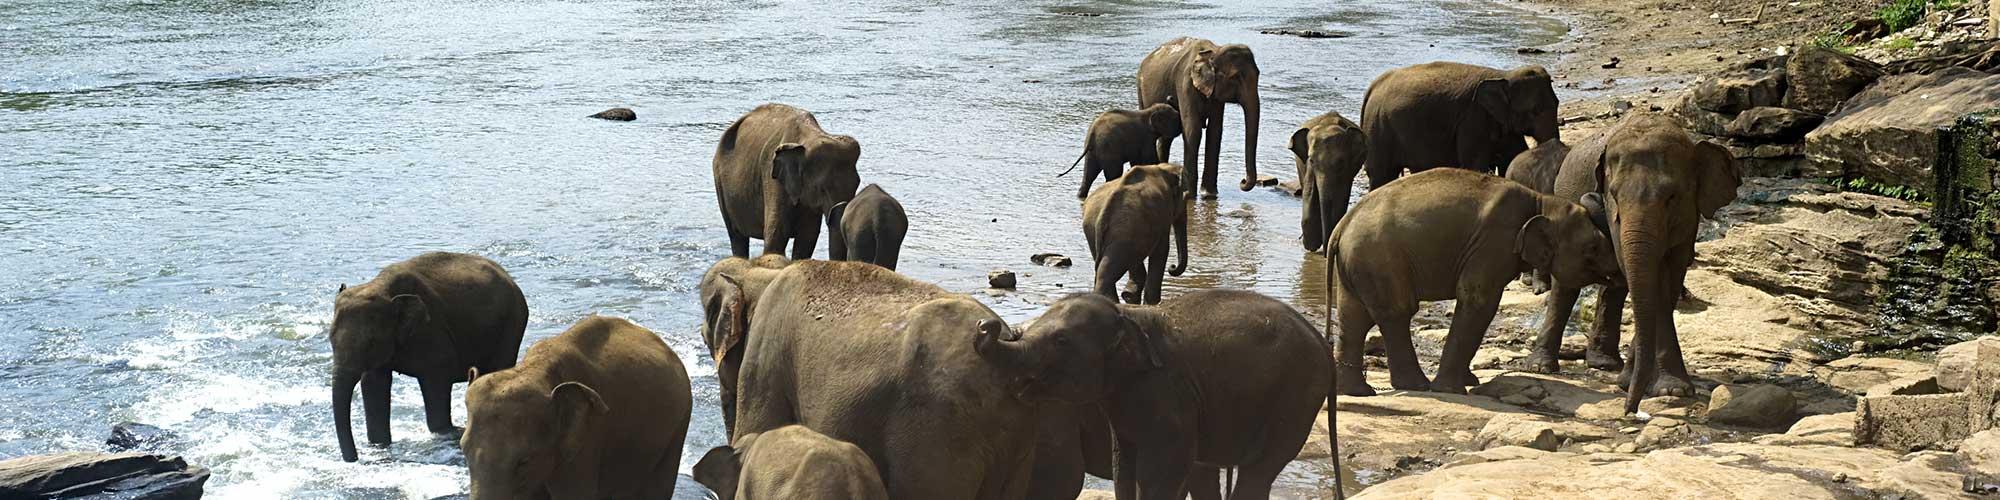 6 Best Wildlife Sanctuaries In Maharashtra To Explore